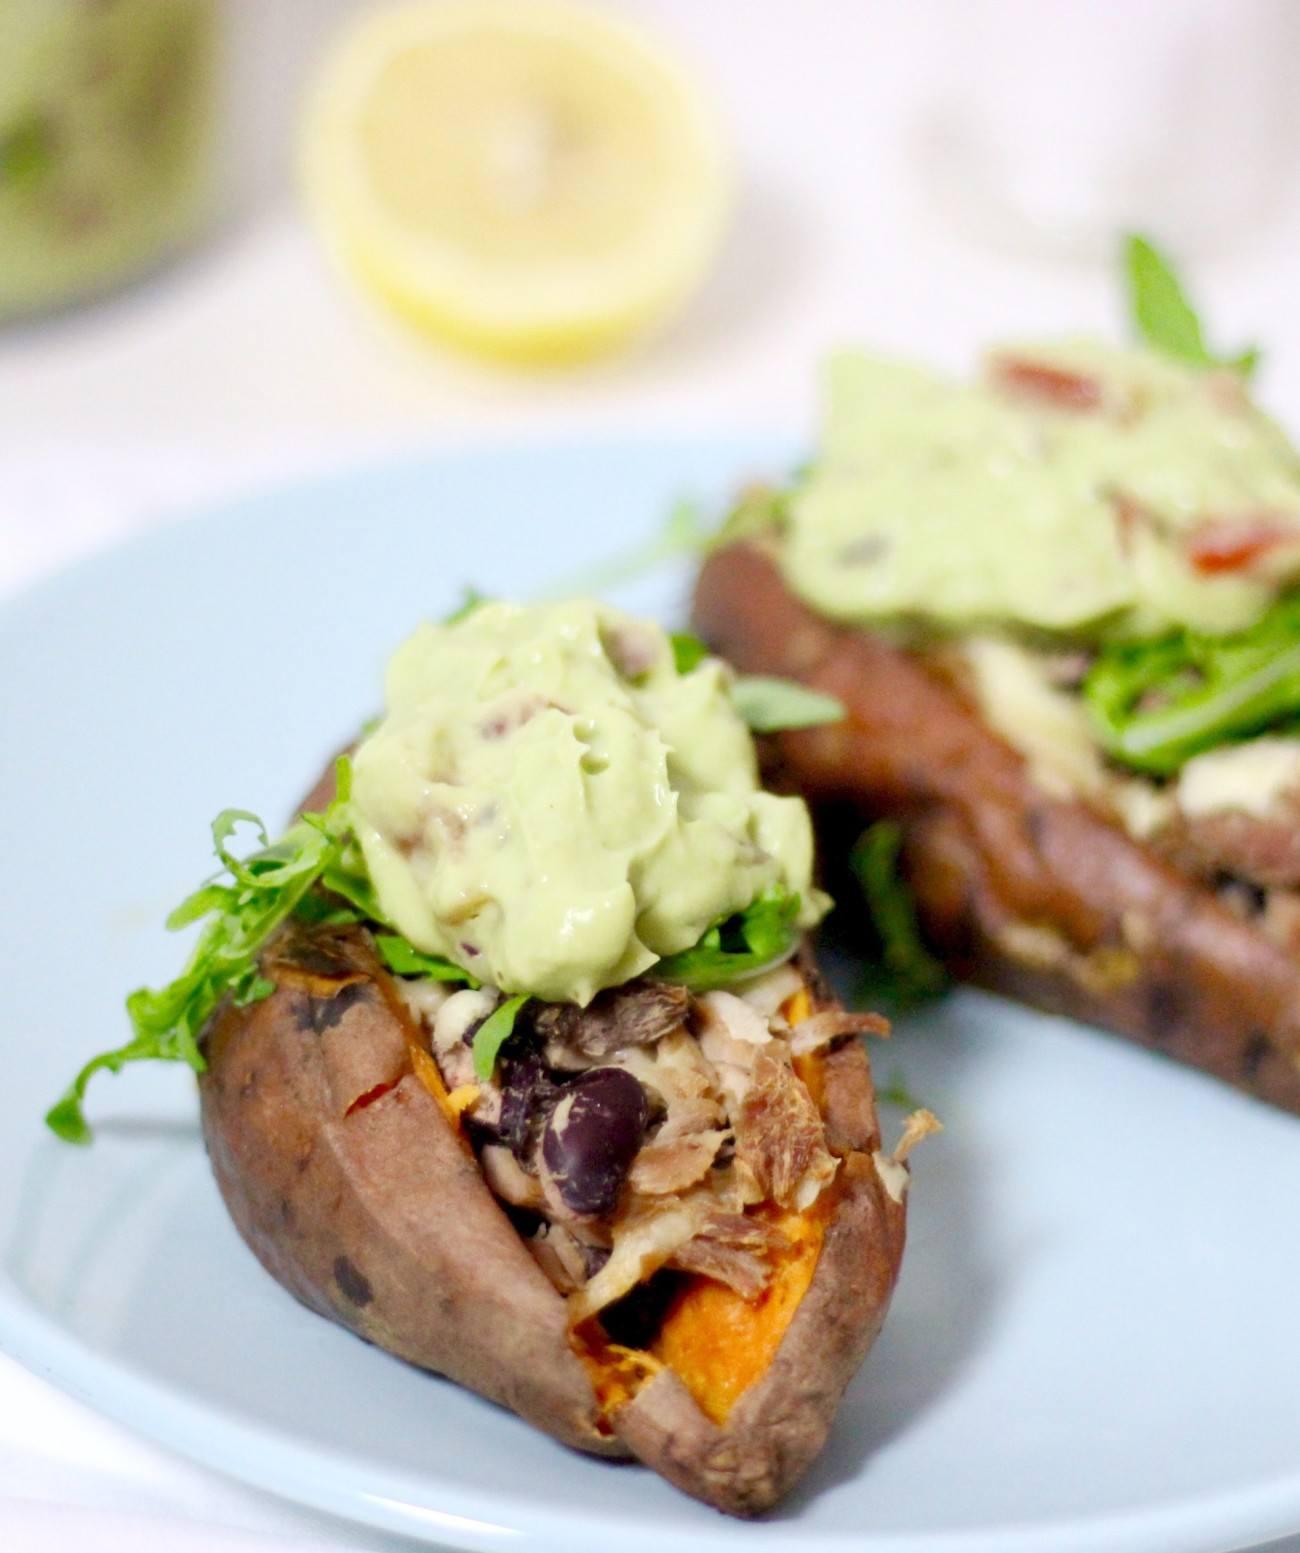 gepofte-zoete-aardappel-met-tonijn1